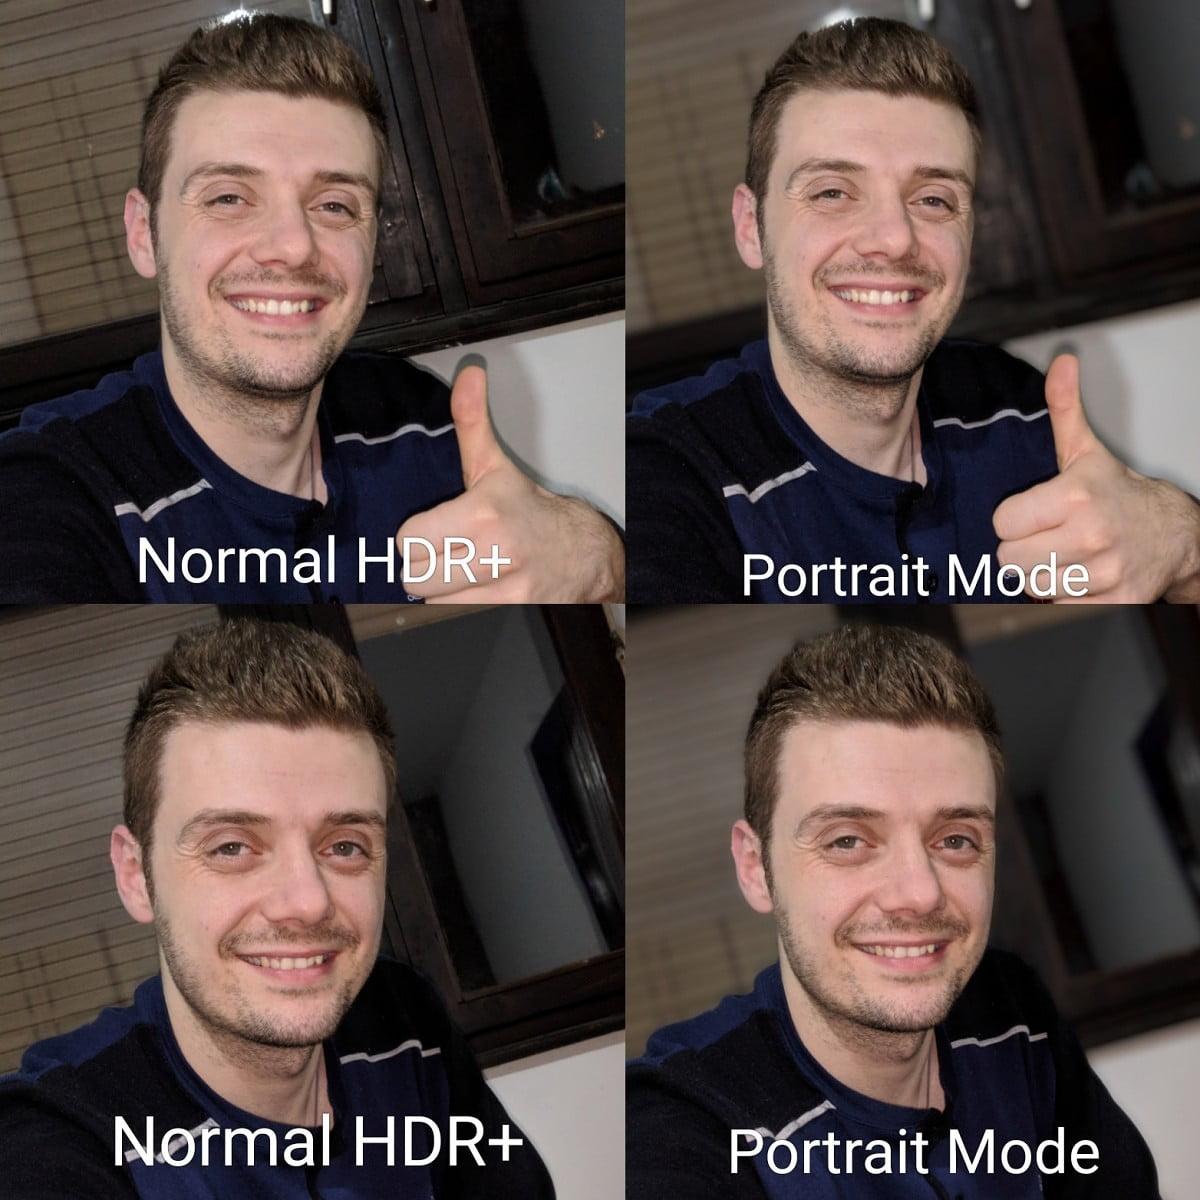 Pixel 2 Portrait Mode apk ported